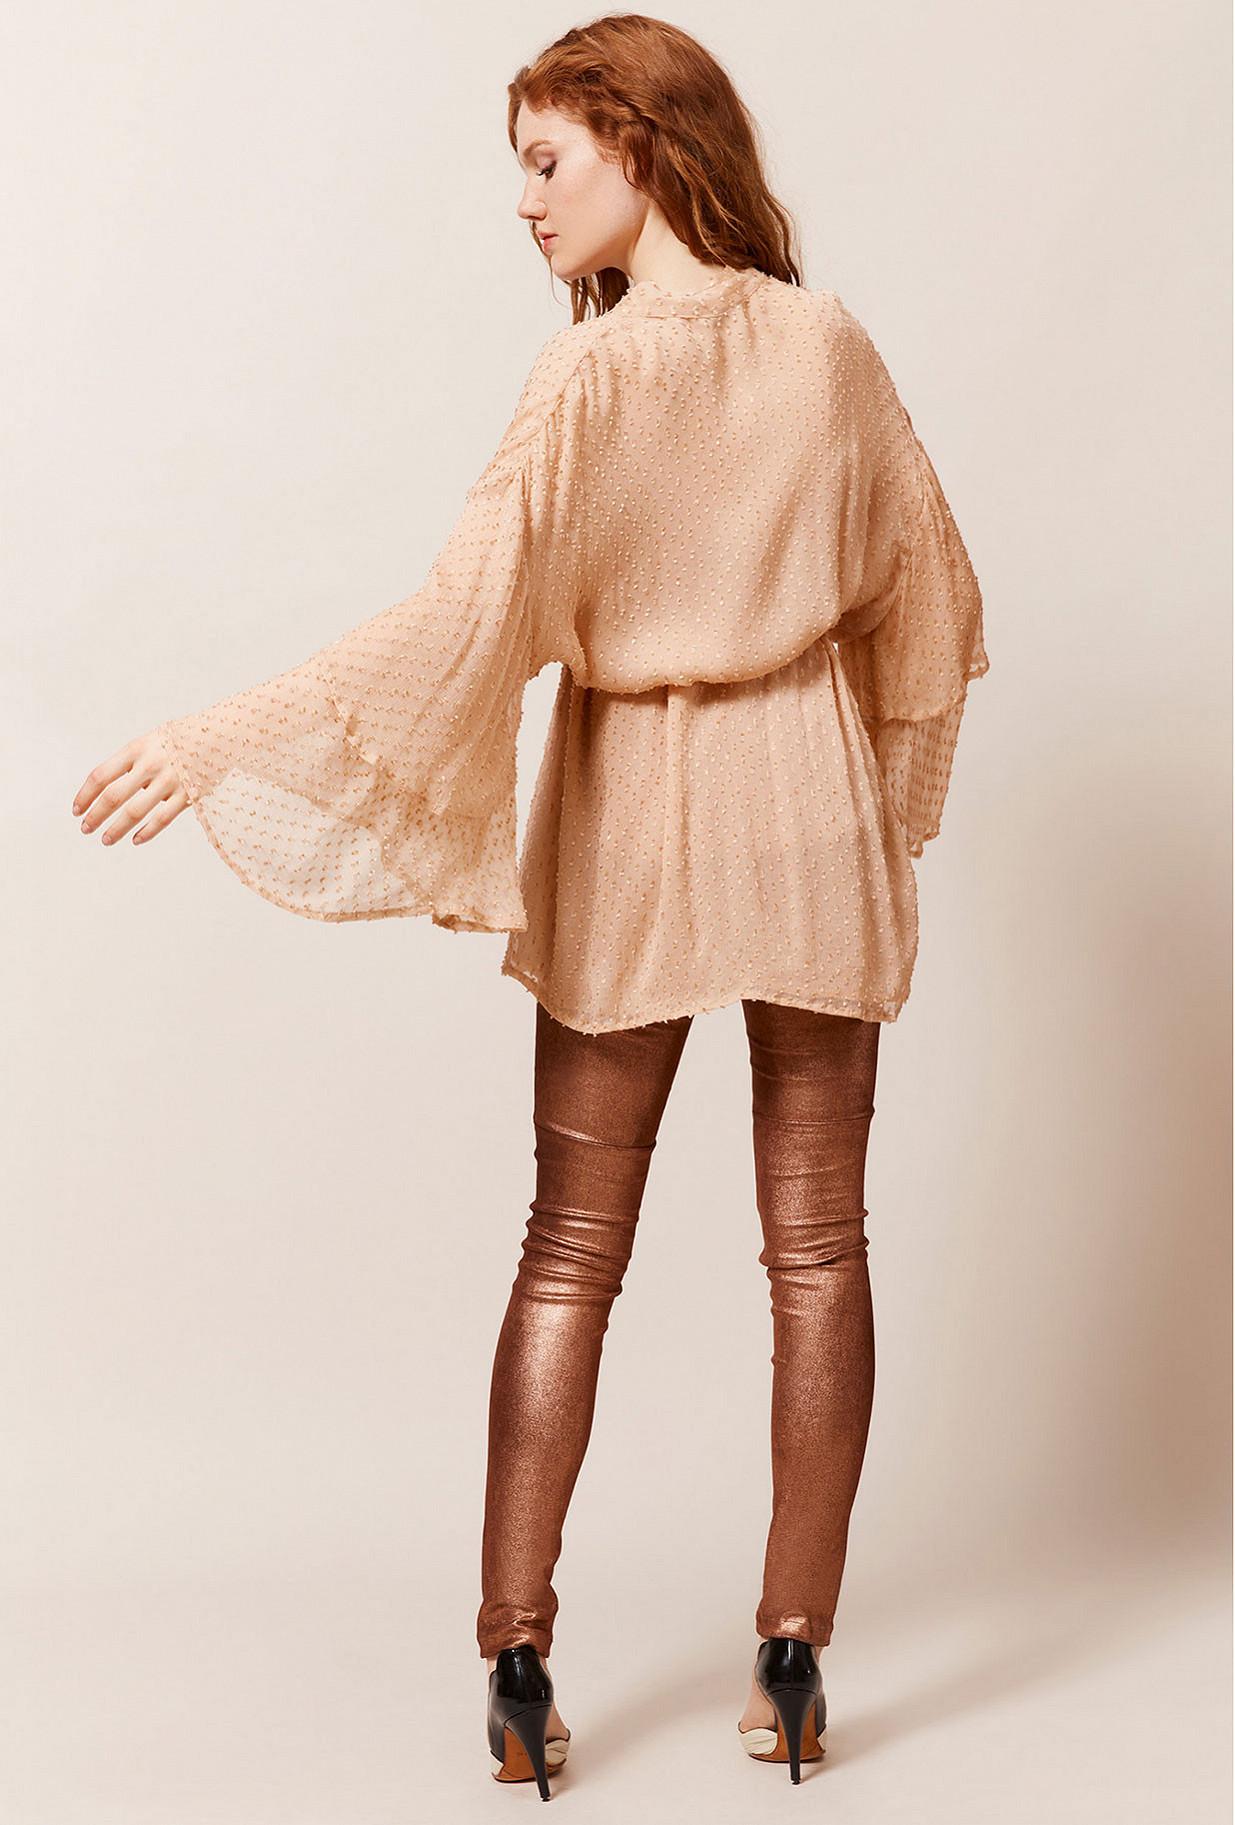 Kimono Nude  Douchka mes demoiselles paris vêtement femme paris